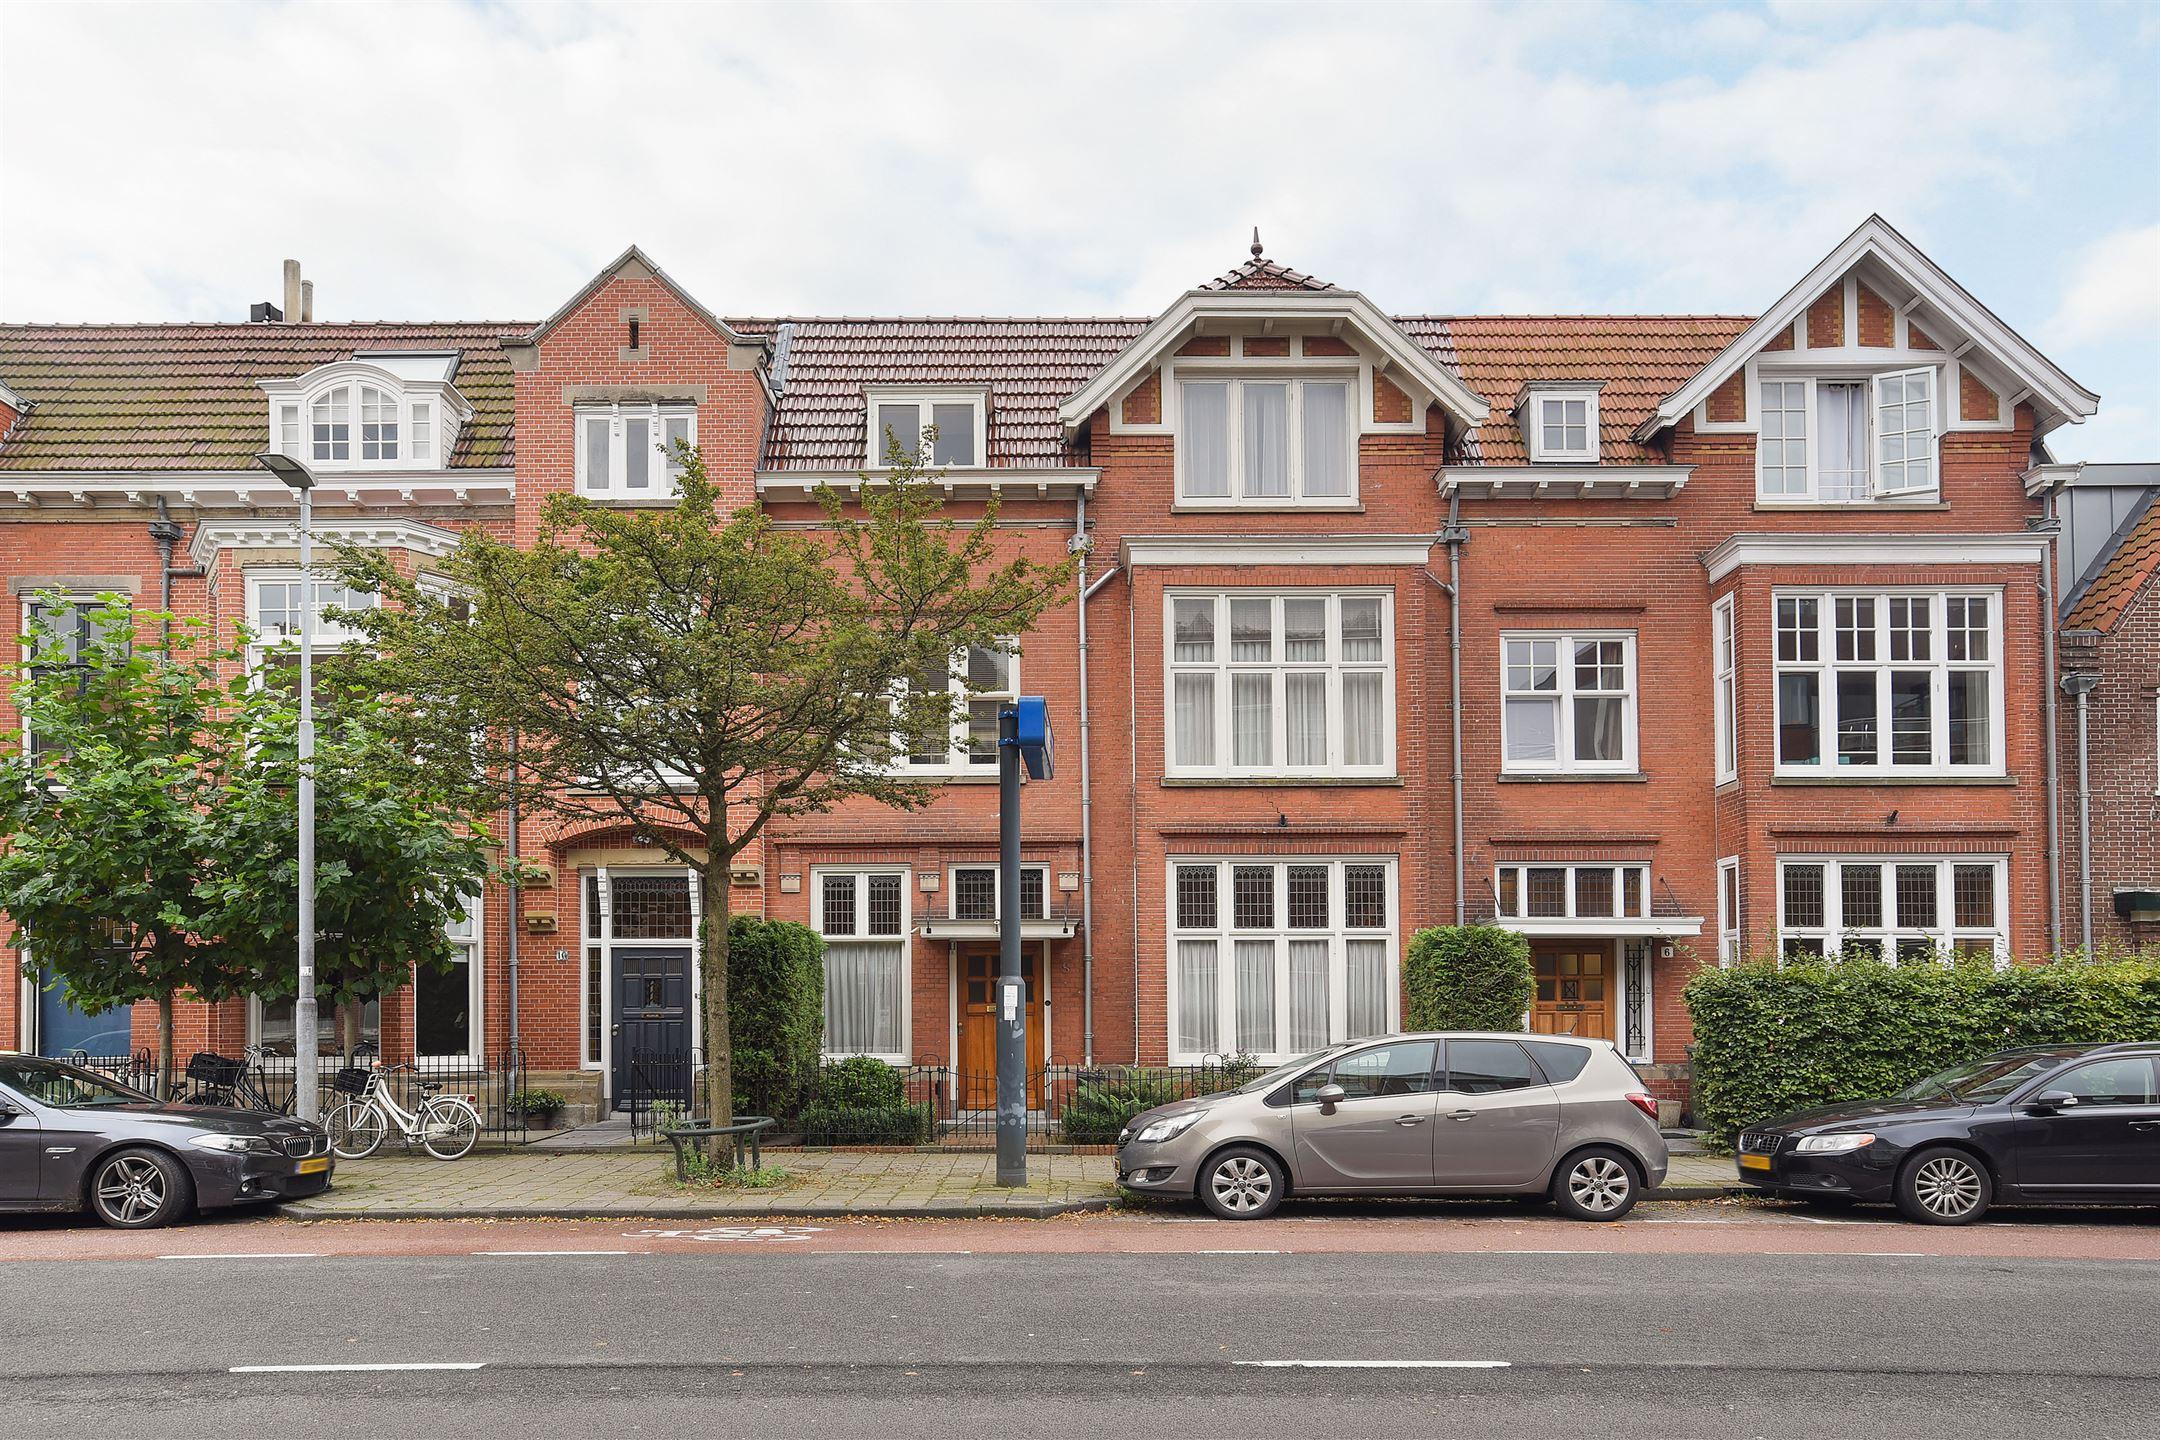 Verkocht tempeliersstraat 8 2012 ed haarlem funda for Funda haarlem centrum